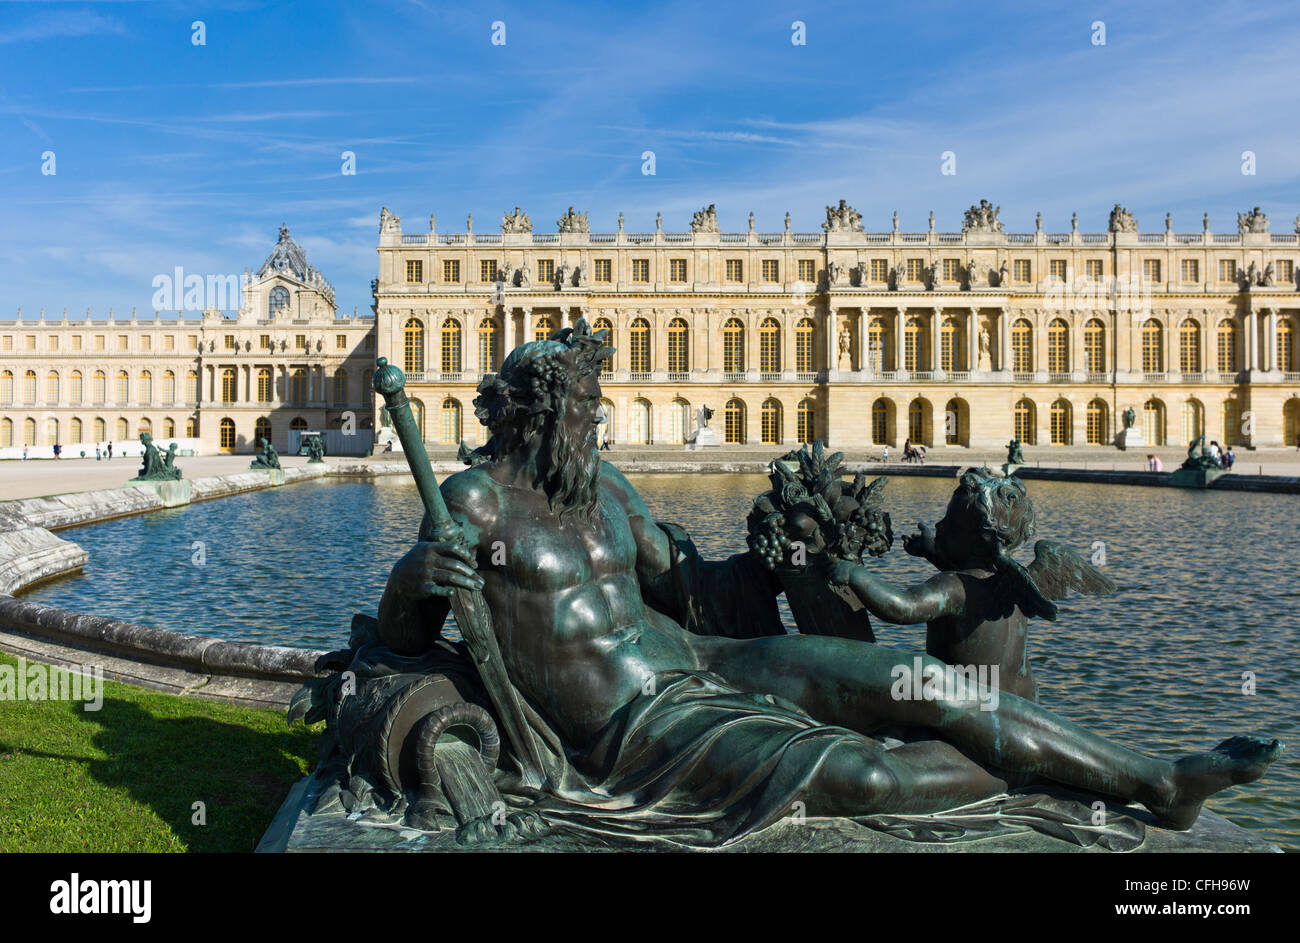 France, Ile de France, Yvelines, Versailles castle - Stock Image